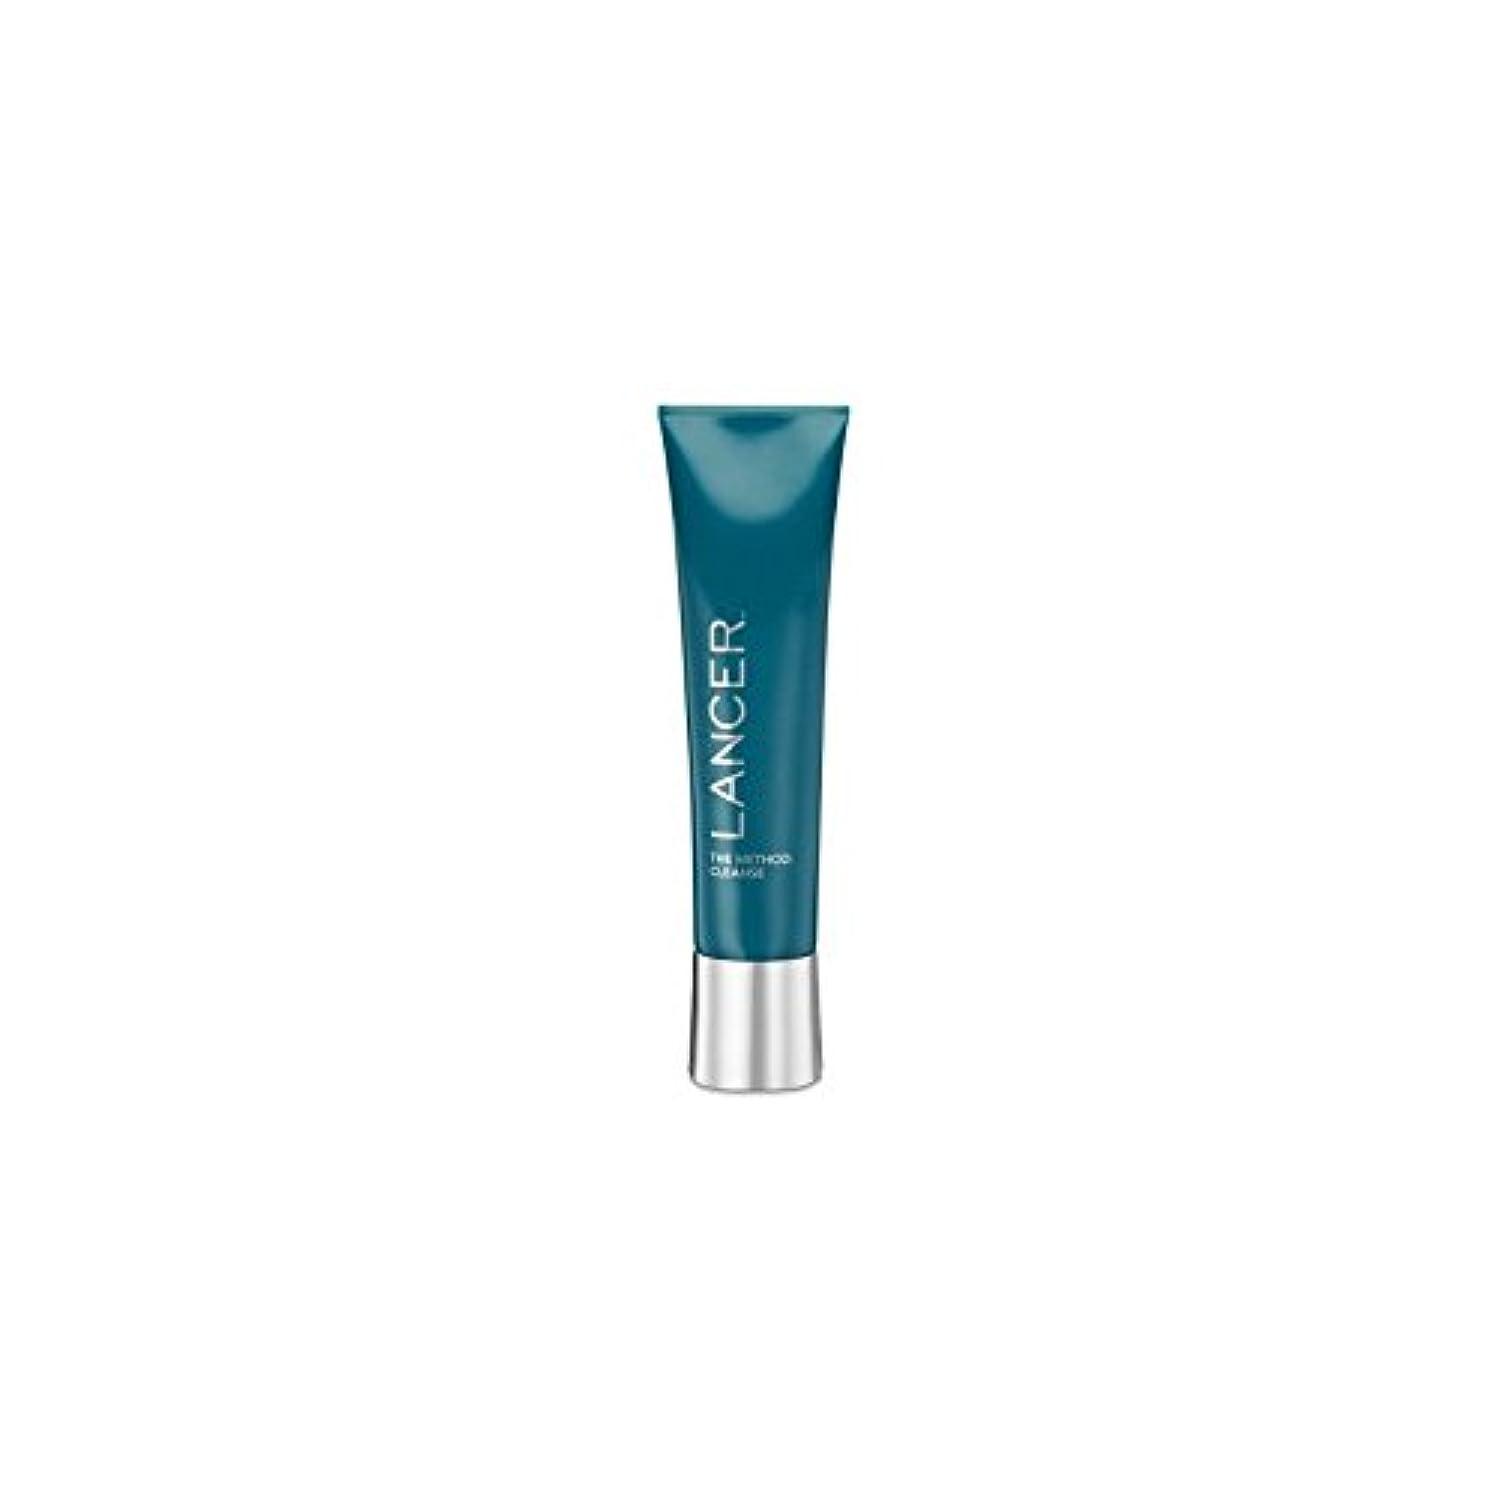 望ましい延ばす集めるLancer Skincare The Method: Cleanser (120ml) - クレンザー(120ミリリットル):ランサーは、メソッドをスキンケア [並行輸入品]